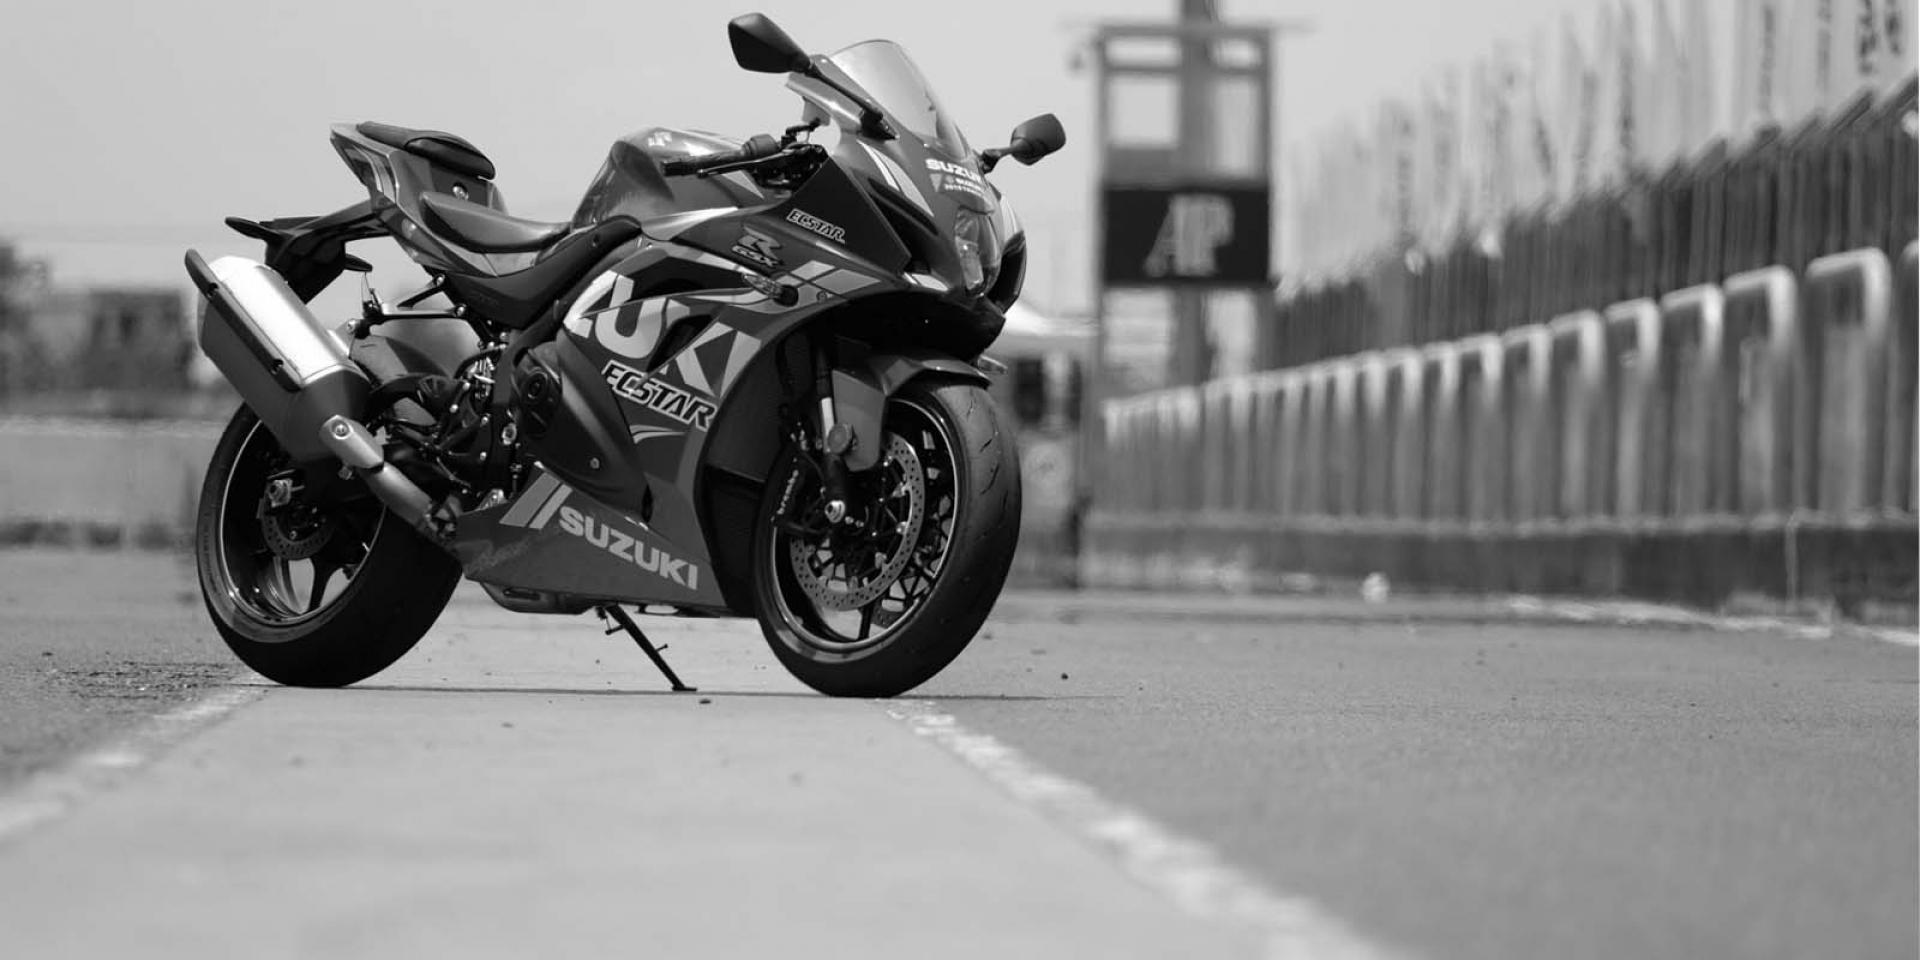 再見了 MotoGP科技?SUZUKI提出新一代可變汽門技術專利